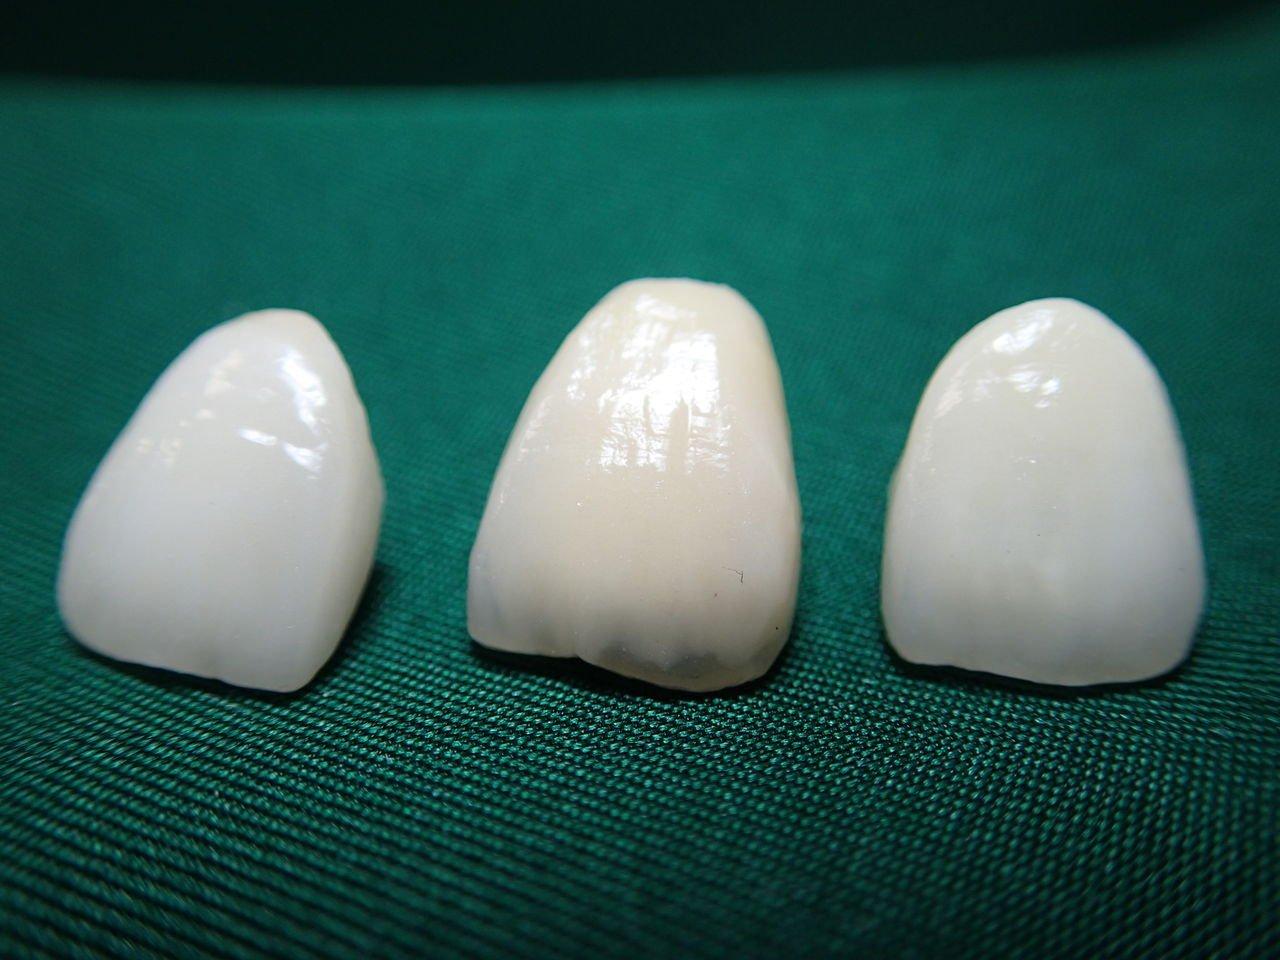 I0006035 15 - 芸能人の歯は天然ではない?差し歯、入れ歯、インプラントをした芸能人まとめ!